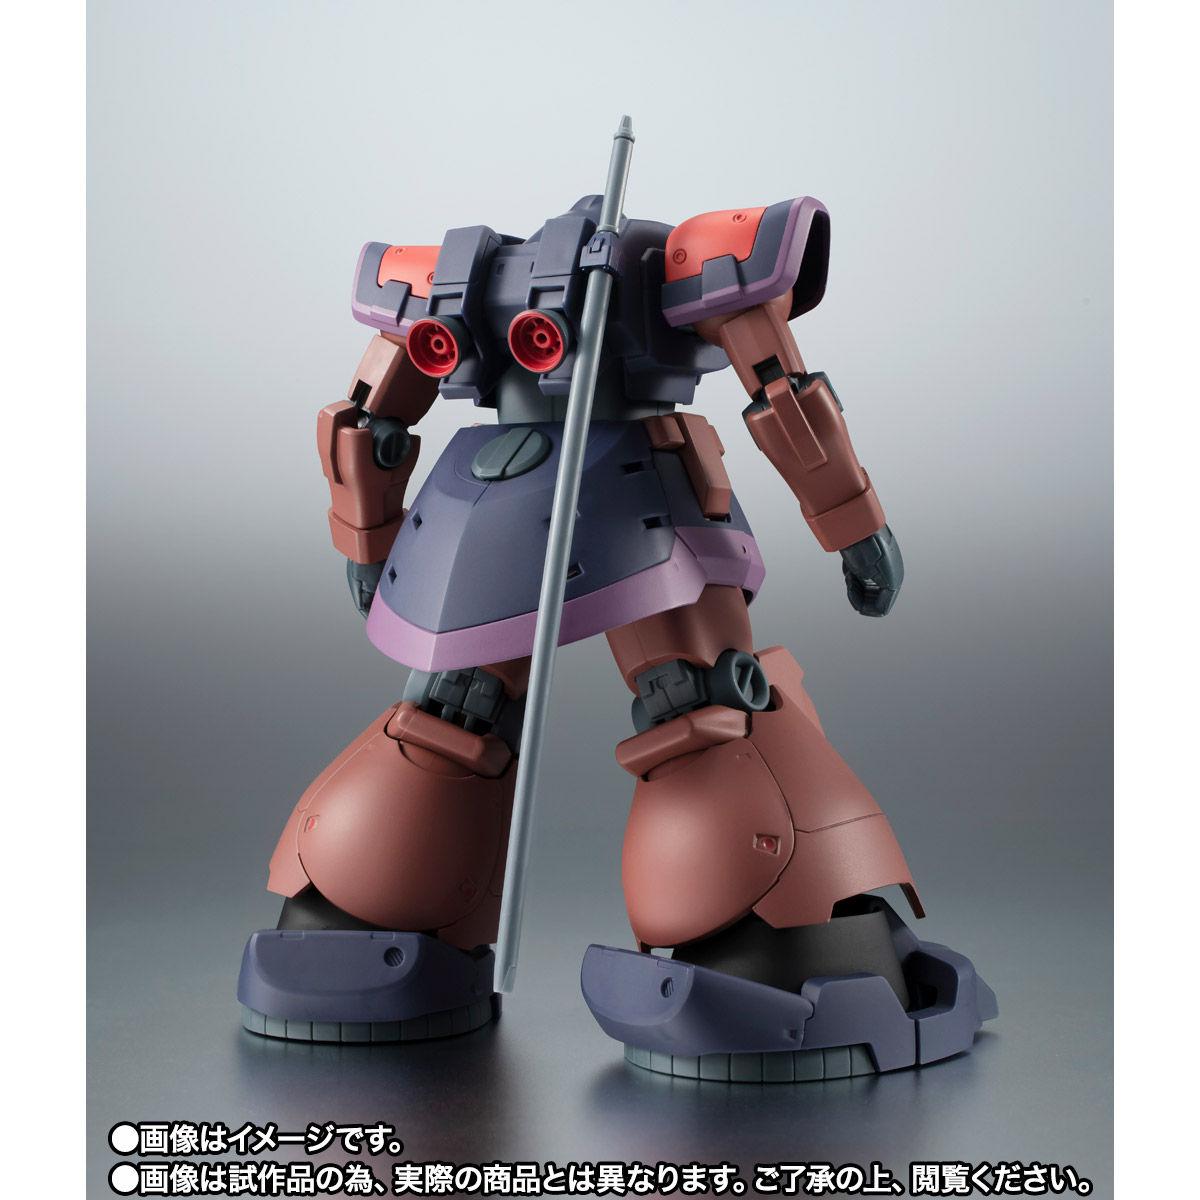 【限定販売】ROBOT魂〈SIDE MS〉『YMS-09R-2 プロトタイプ・リック・ドムII ver. A.N.I.M.E.』ガンダム0083 可動フィギュア-003